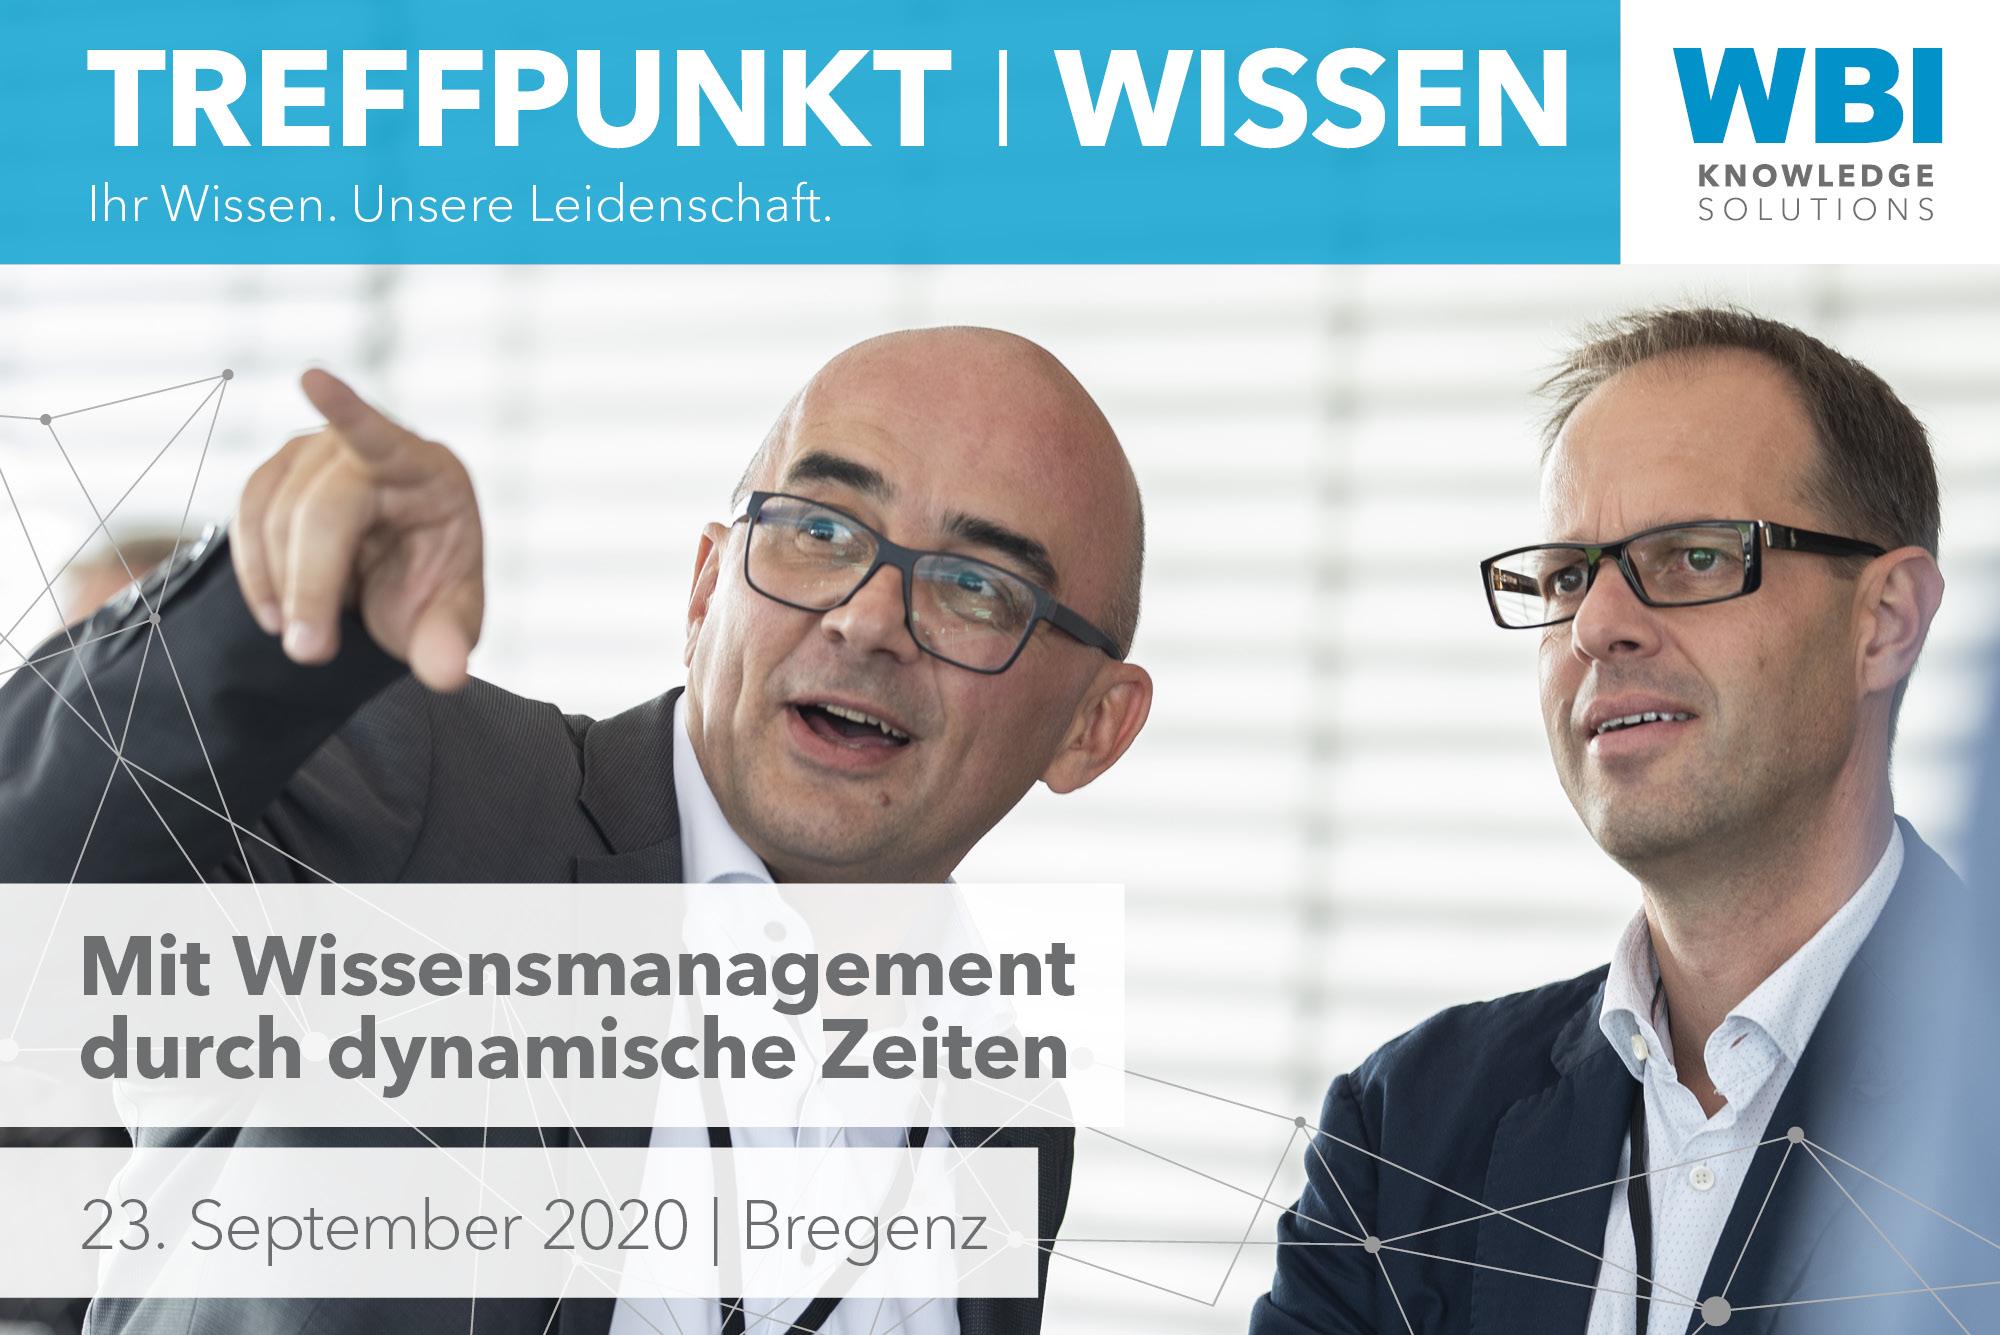 treffpunkt-WISSEN-2020-rueckblick